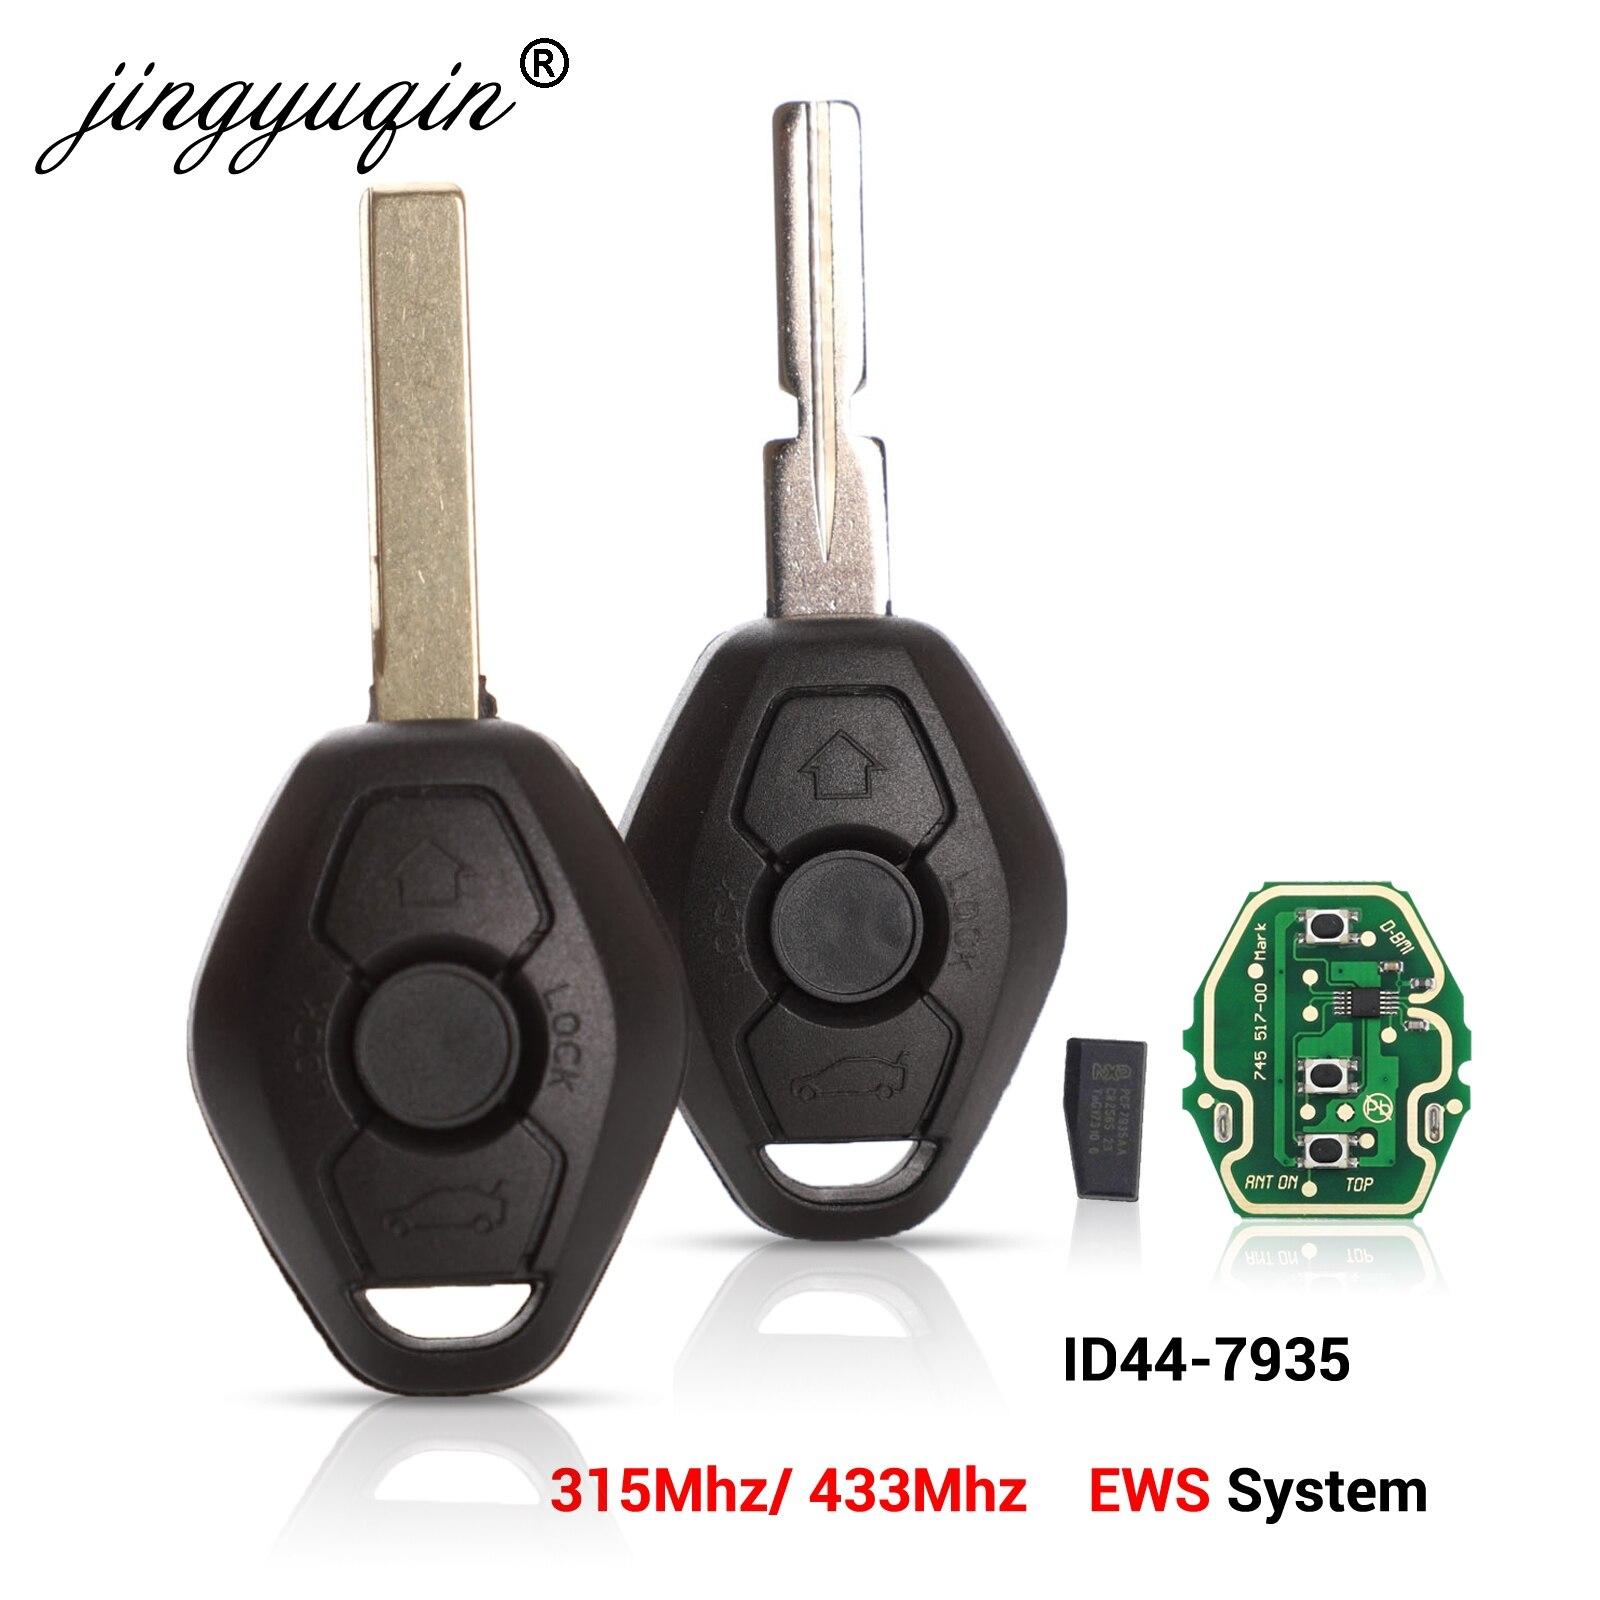 Jingyuqin ews sytem chave remota do carro para bmw e38 e39 e46 x3 x5 z3 z4 1/3/5/7 série 315/433 mhz id44 chip keyless transmissor de entrada